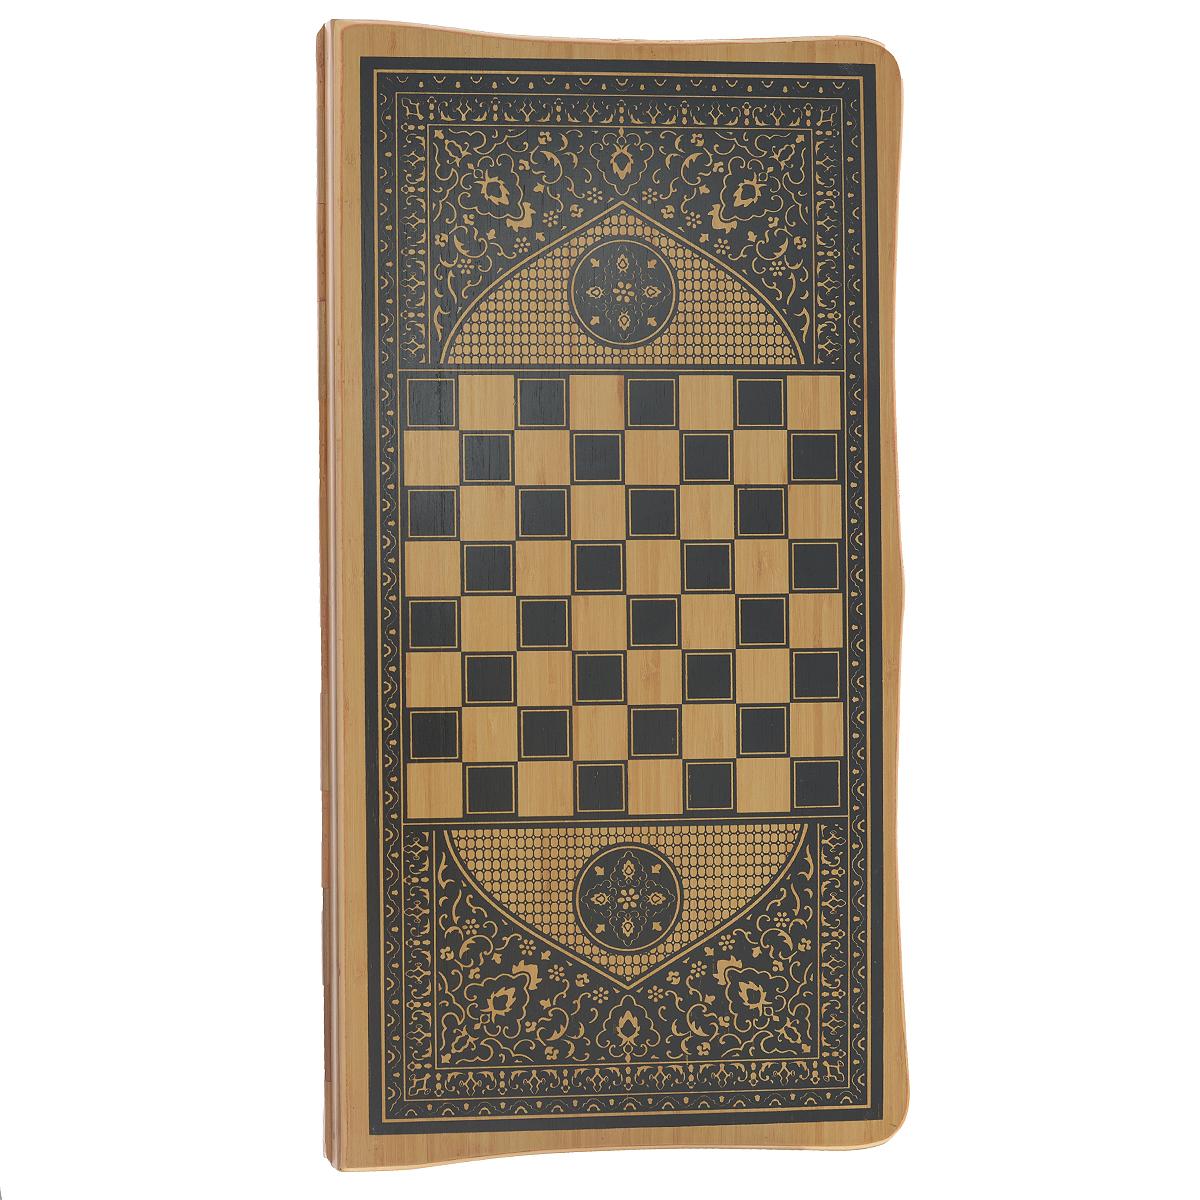 Игра настольная Русские Подарки Нарды и Шахматы, размер: 64*31 см. 2451924519Нарды и Шахматы - набор из двух настольных игр, который подойдет для всех возрастов. Доска выполнена из высококачественного дерева и украшена орнаментами. Благодаря оригинальному дизайну игрового поля, набор станет отличным подарком. Нарды и Шахматы - это хорошее средство для развития логического мышления, концентрации, внимания.